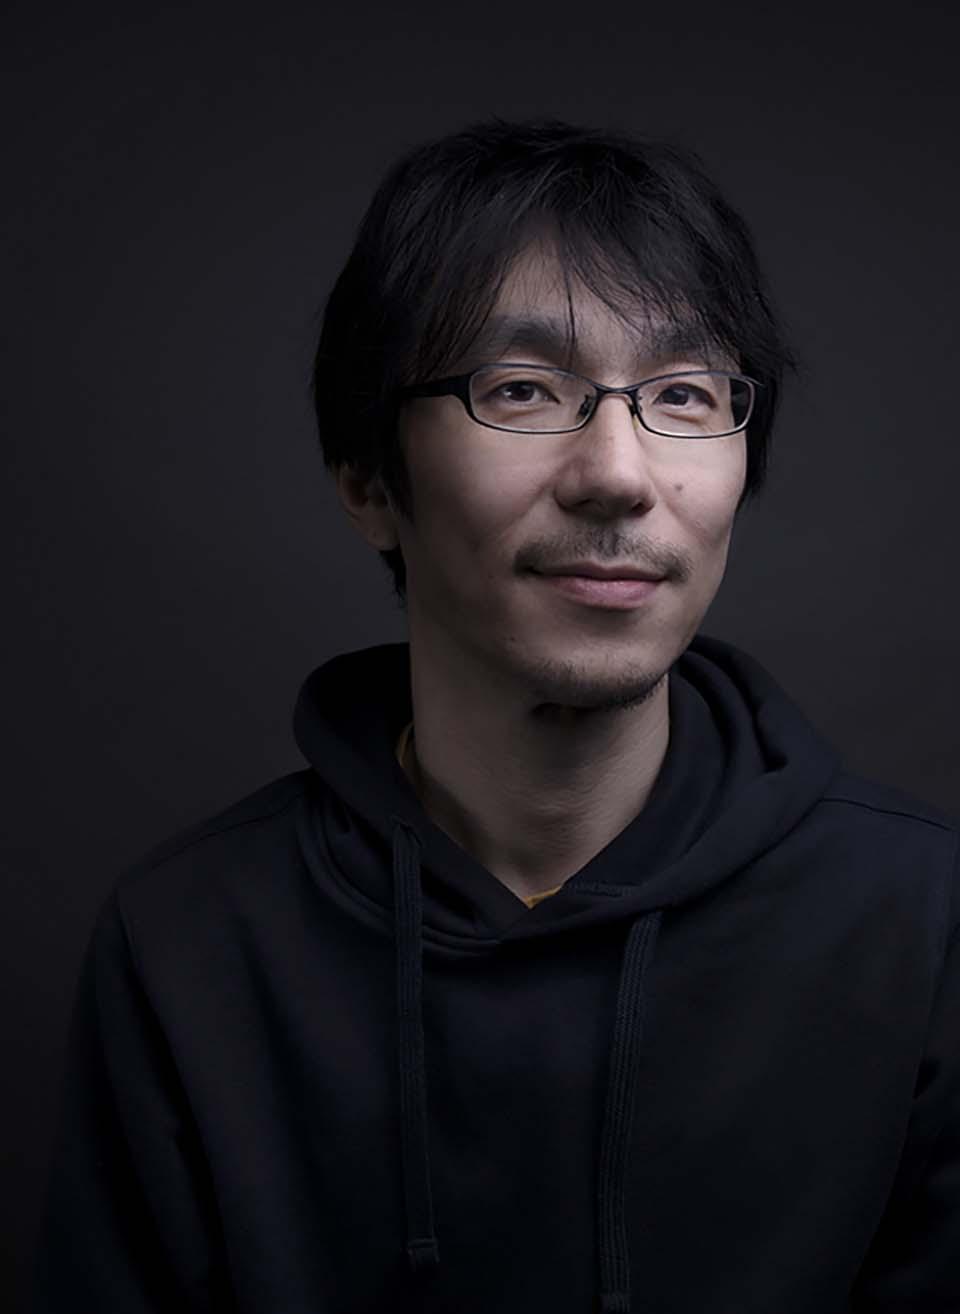 Image: Masahiro